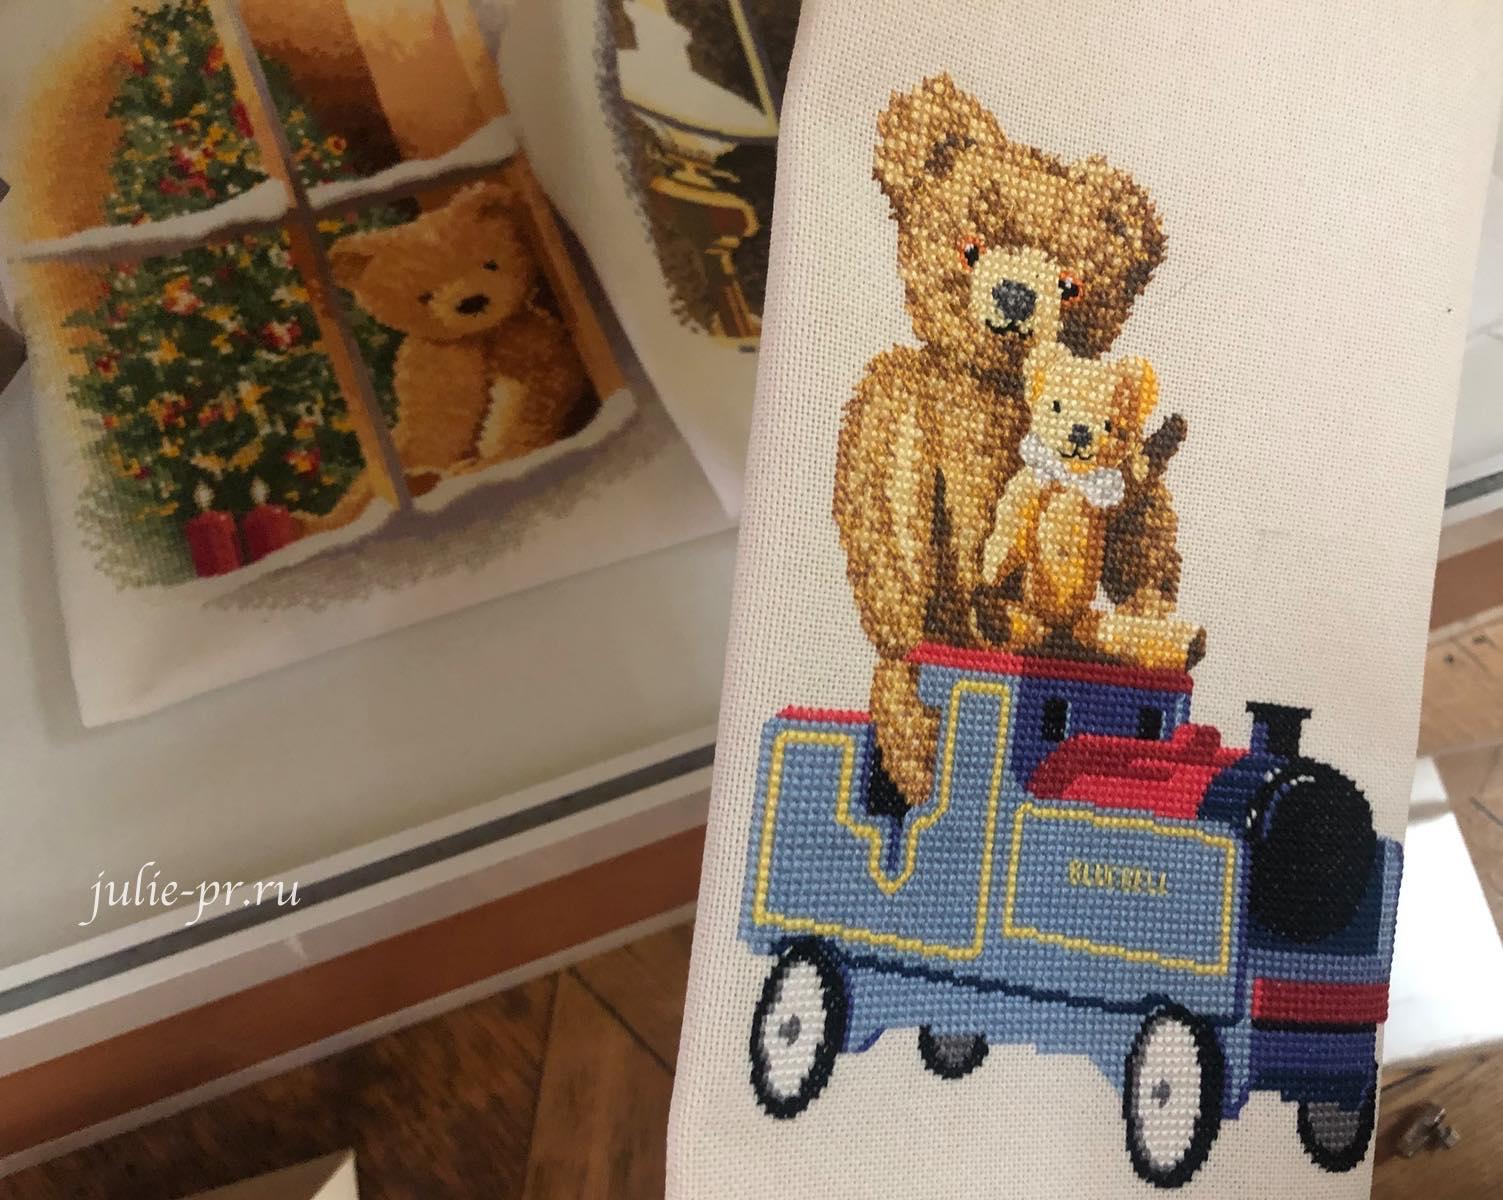 мишки Вильям и Лакки на паровозе, вышивка крестом, Heritage, John Clayton, выставка Грани Джона Клейтона